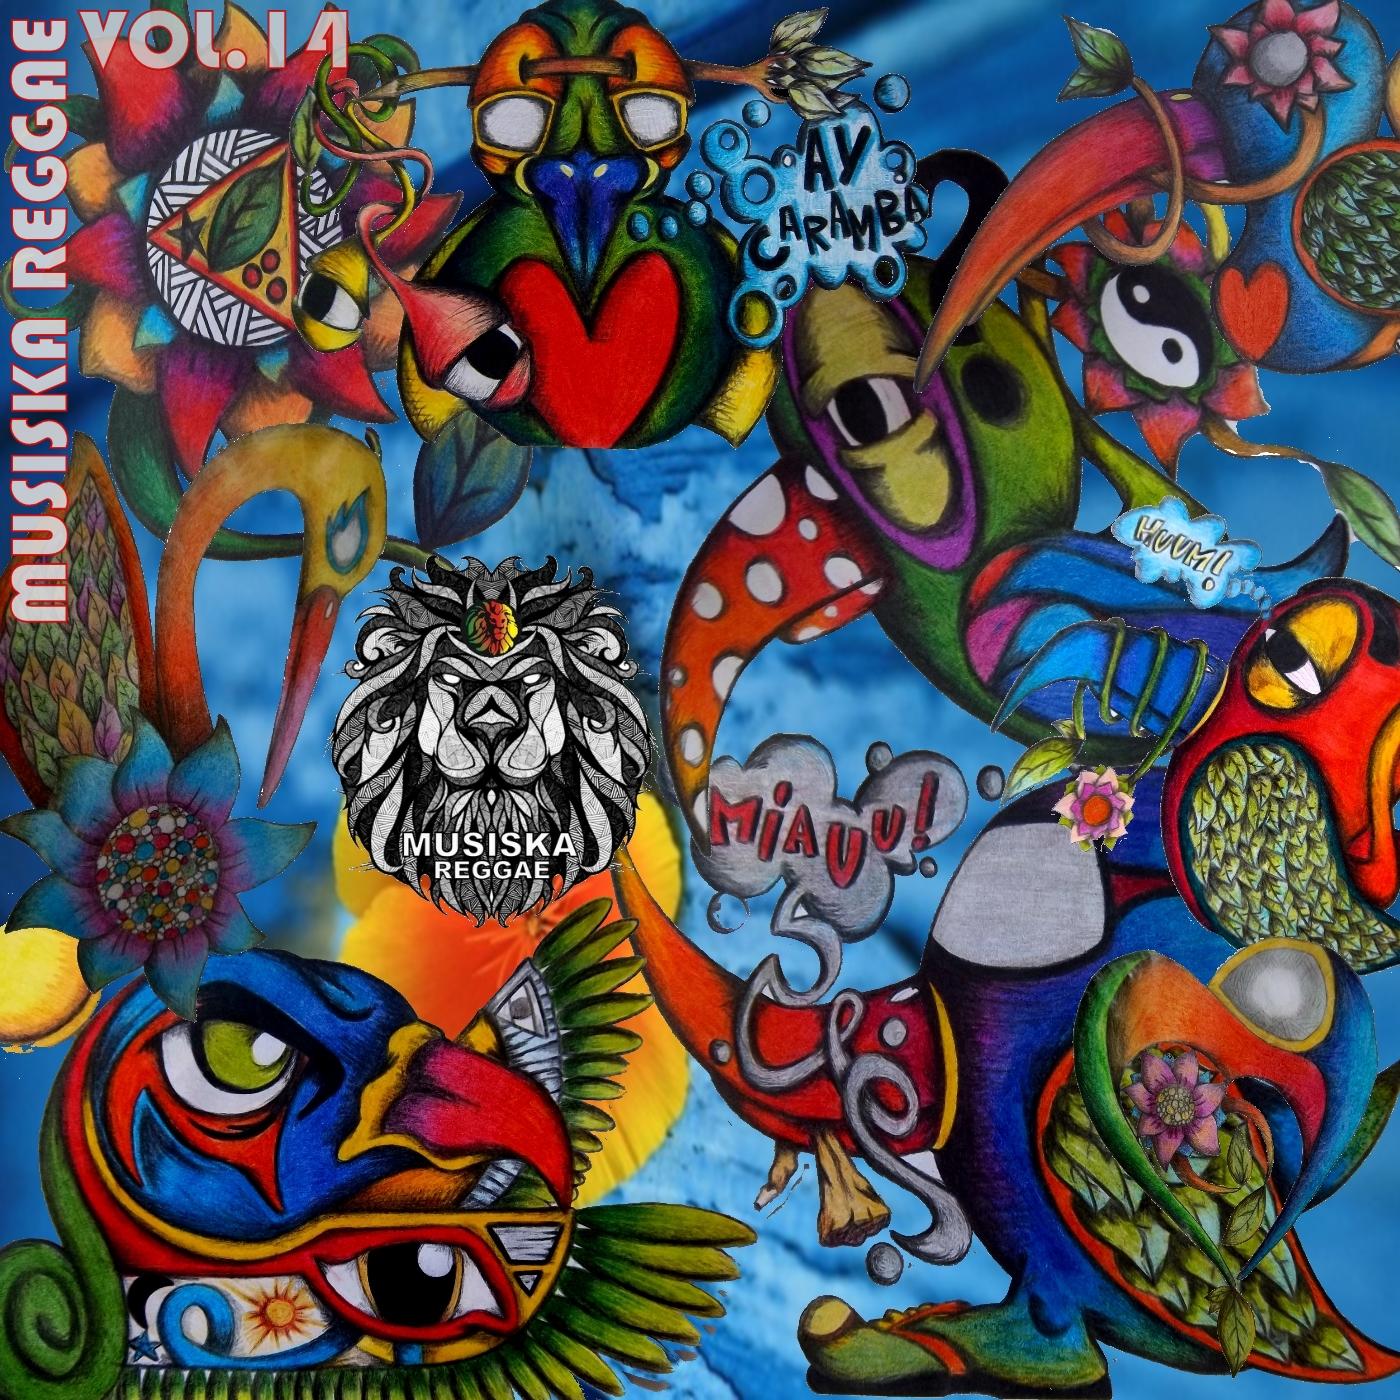 http://2.bp.blogspot.com/-w3Sp1yOKcbY/T0UhAkofInI/AAAAAAAANYk/v3df-CvN_7k/s1600/musiska+reggae+vol.14.jpg